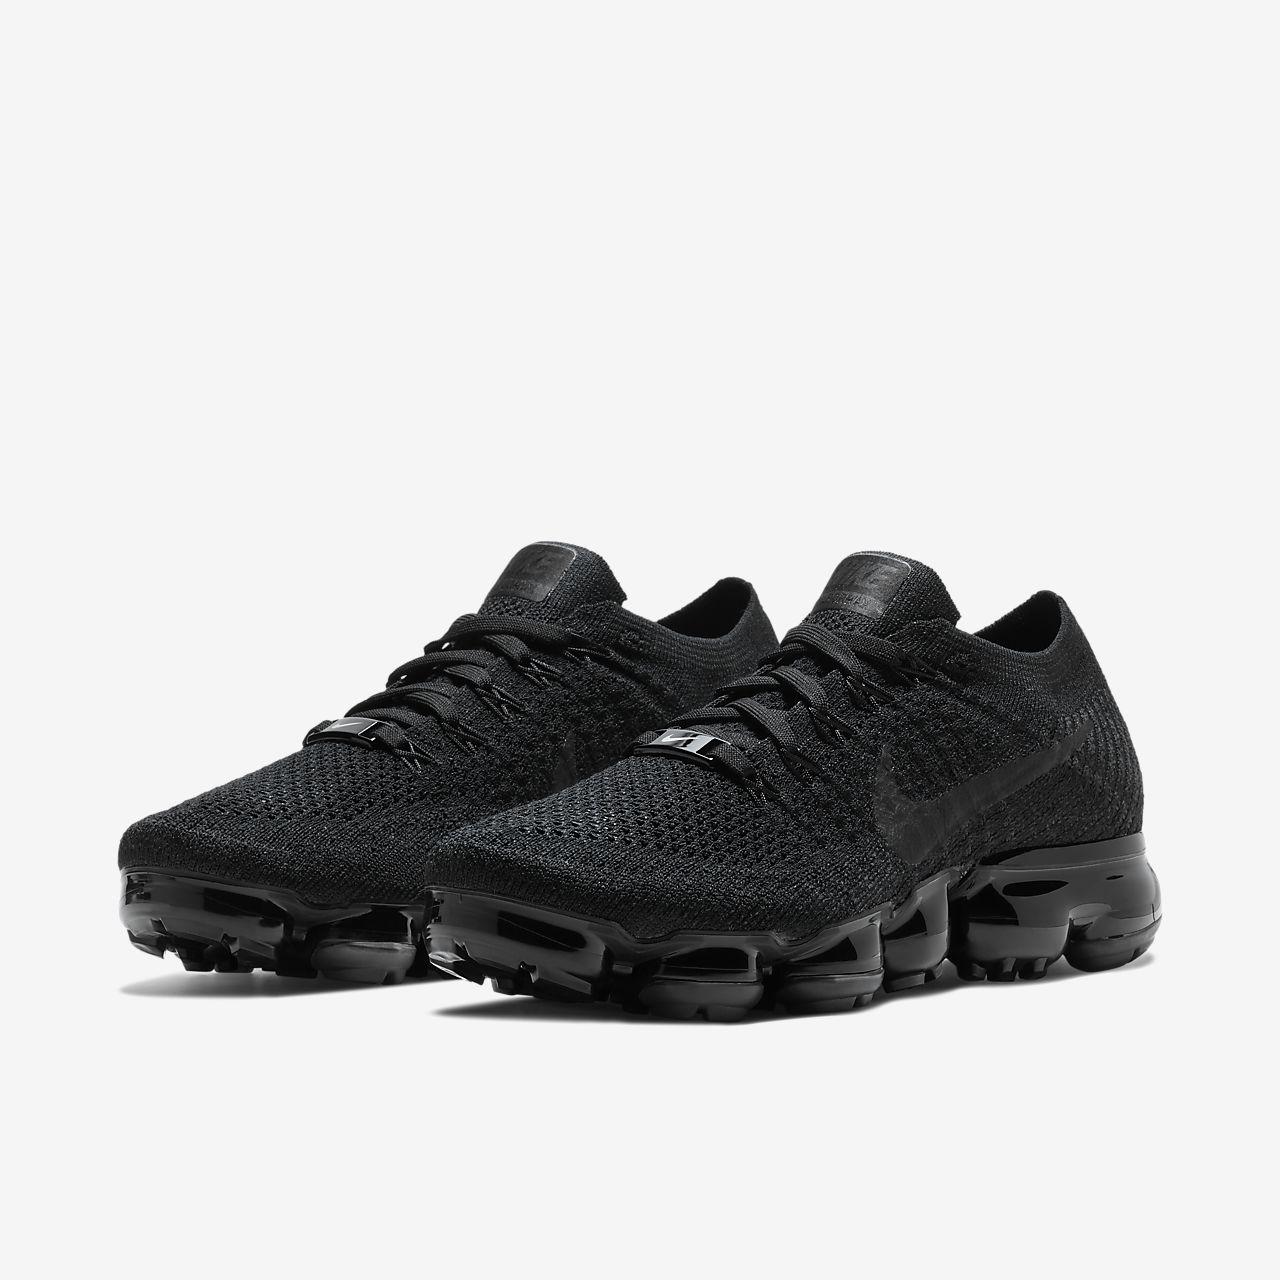 Nike Vapormax D'air Flyknit E Chaussure De Course lLXT7U